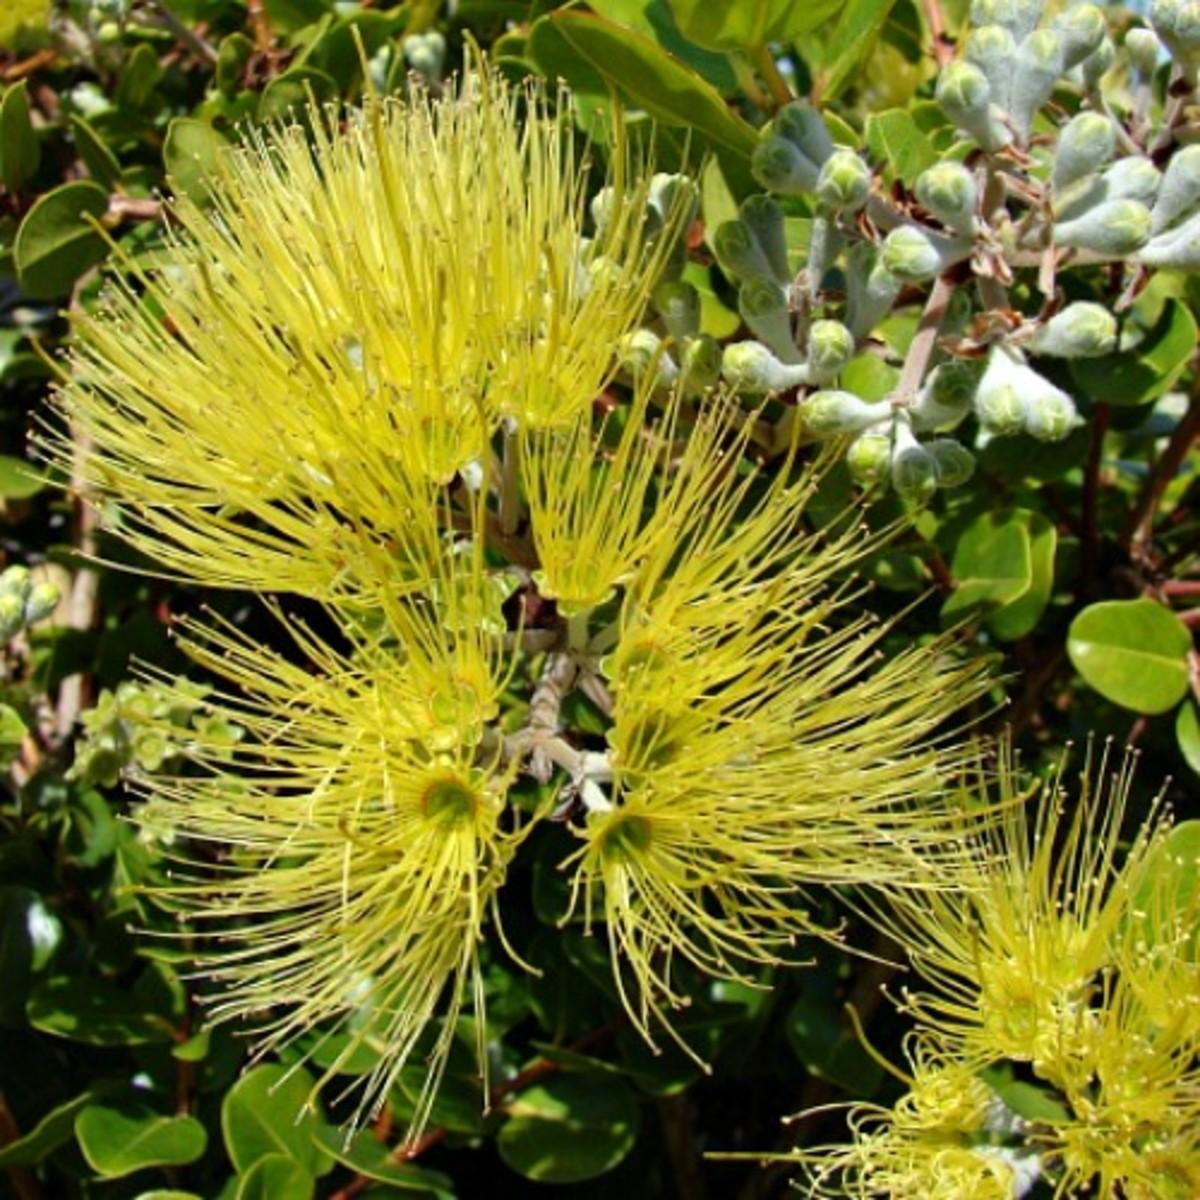 Yellow Lehua Blossom - pua mele o' kapa